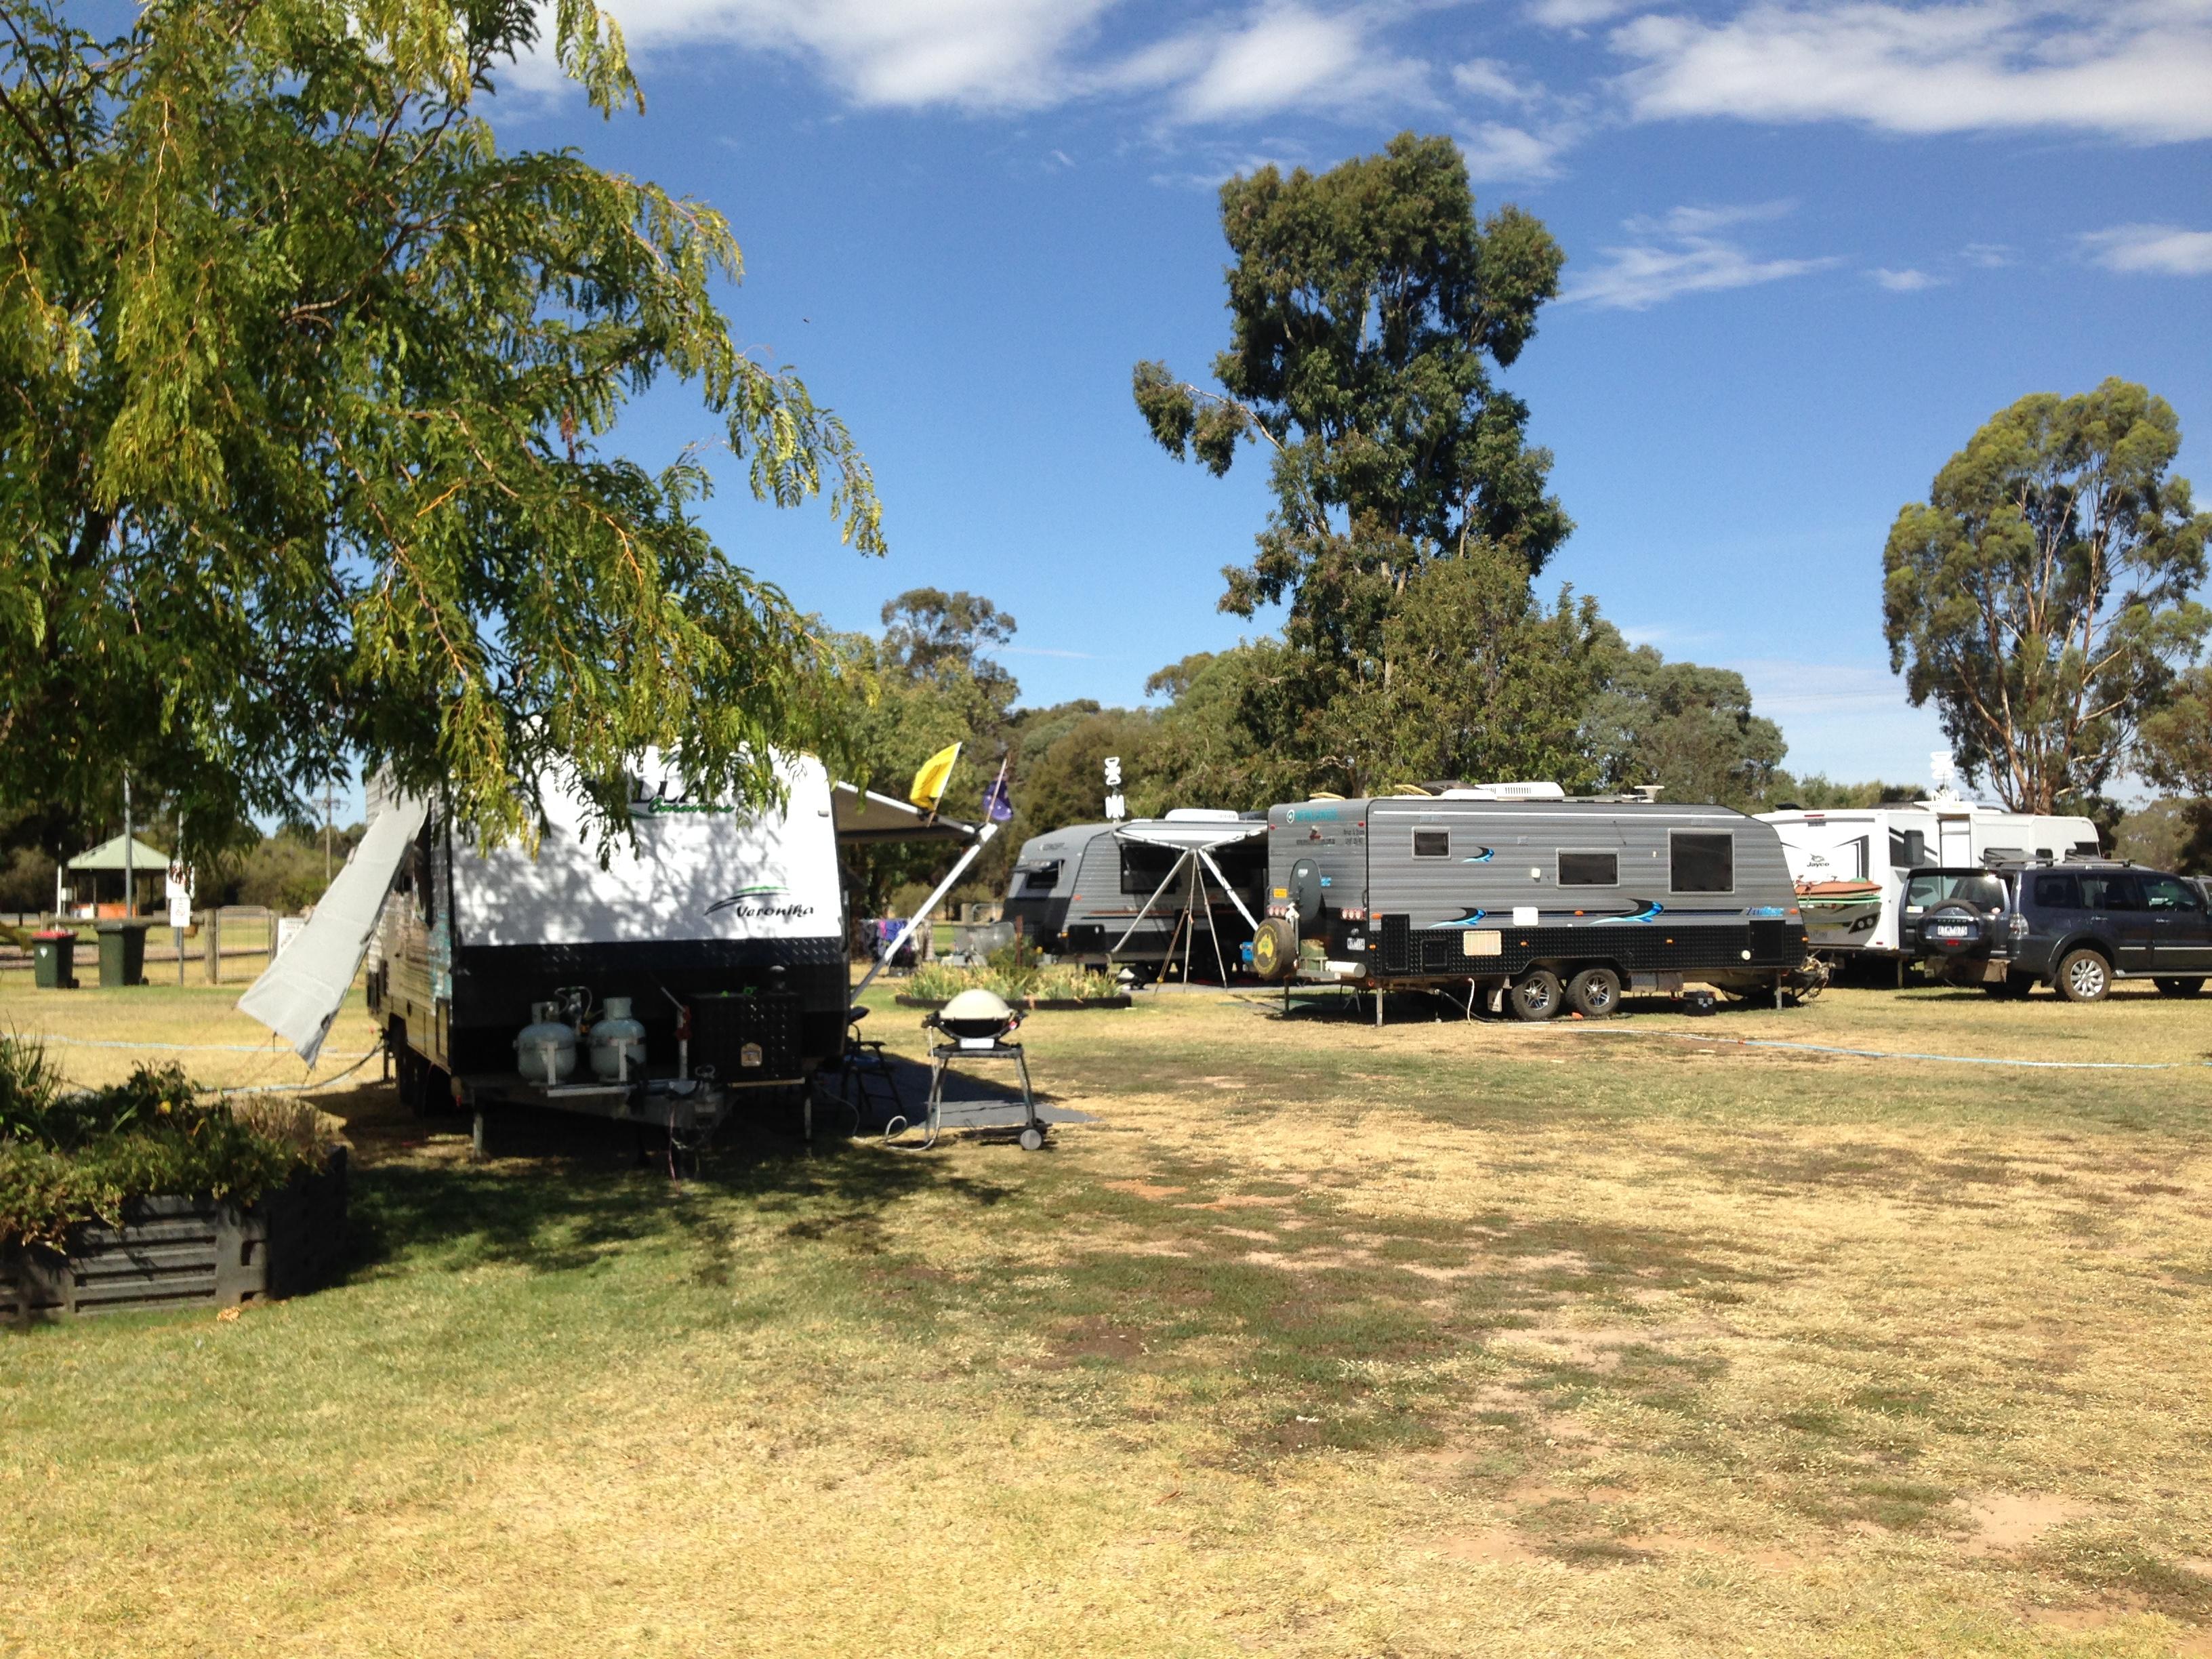 Camping - Caravans 2